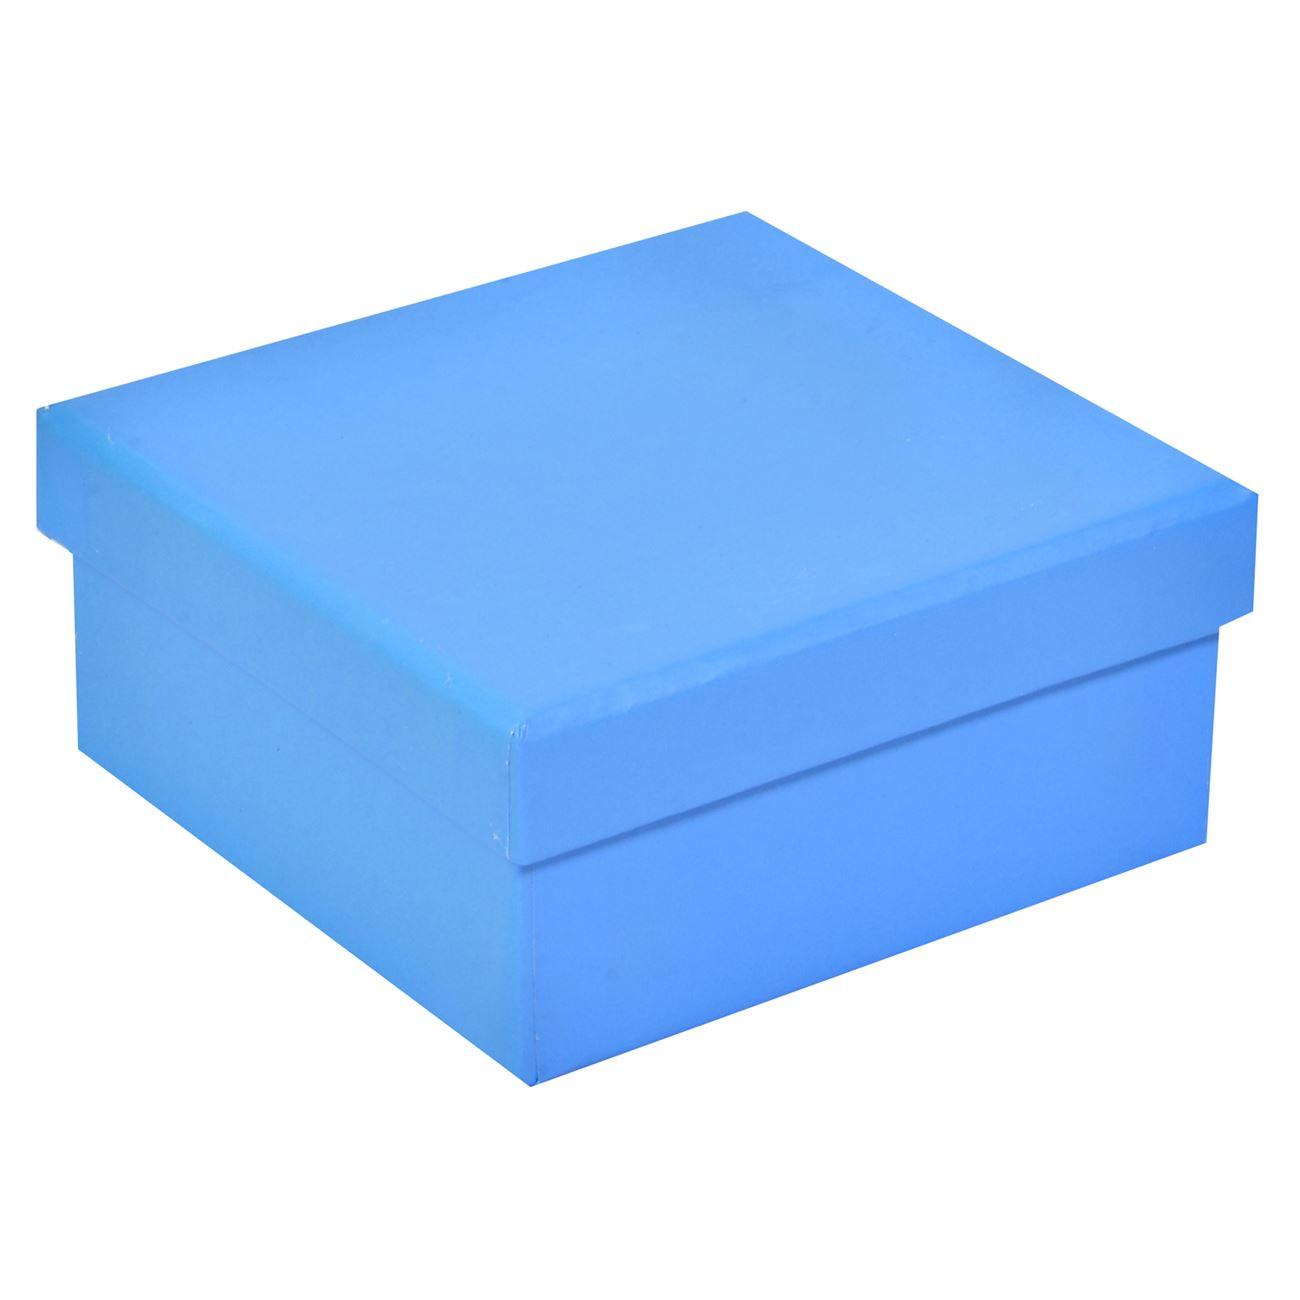 Κουτί Συσκευασίας Χάρτινο Τυρκουάζ 8x8x4.5   Κουτιά Χάρτινα Μίνι  998c67e48f0